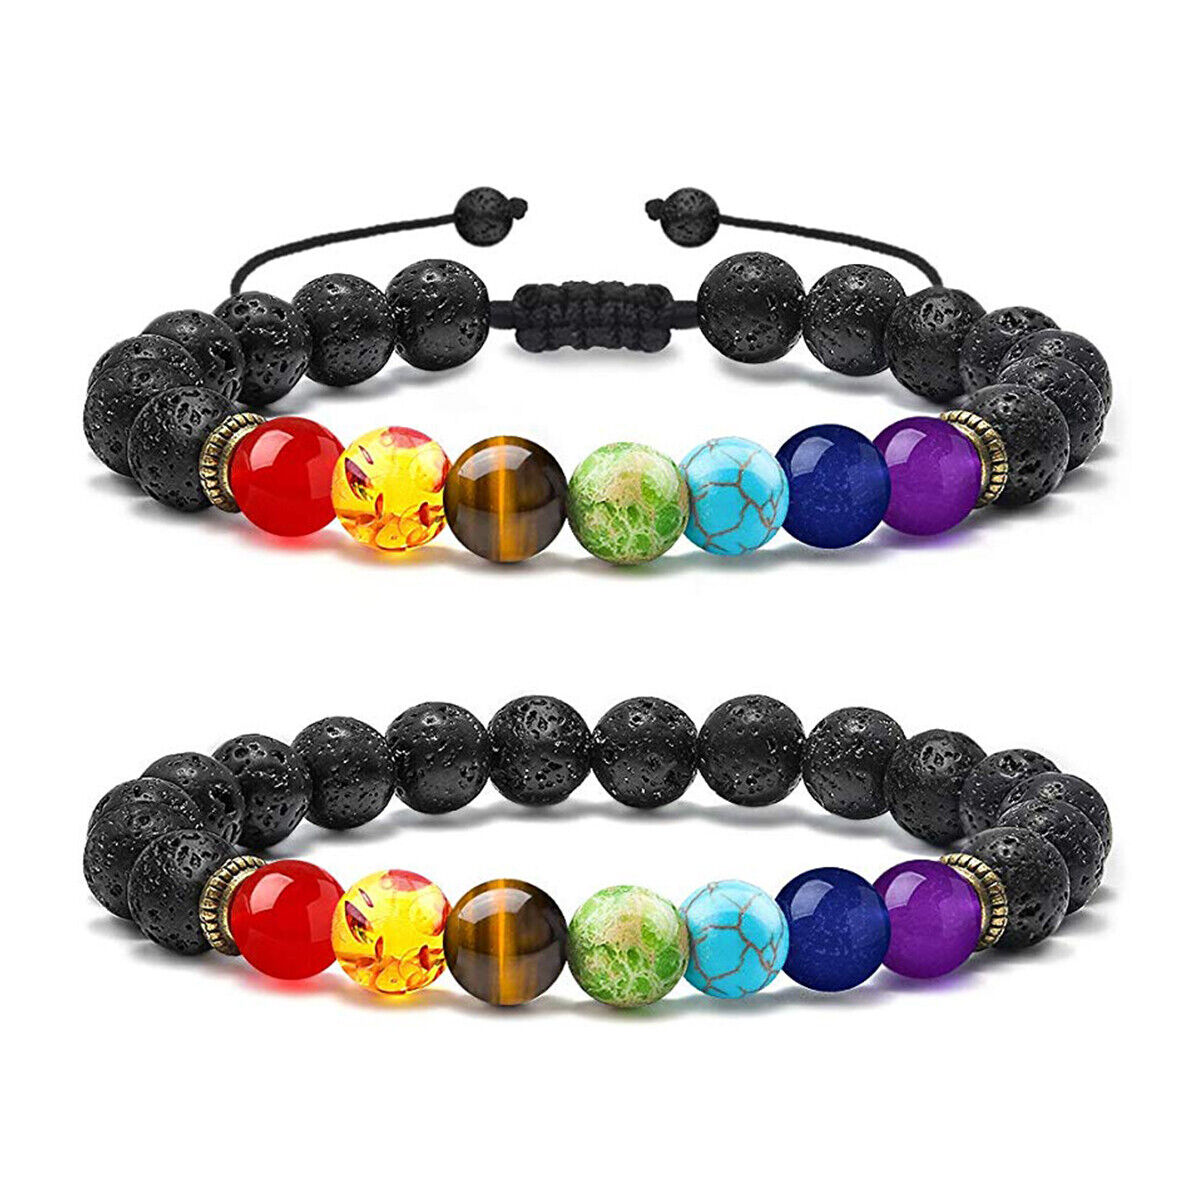 7 Chakra Natural Stone Beads Women Men Relief Yoga Beads Aro